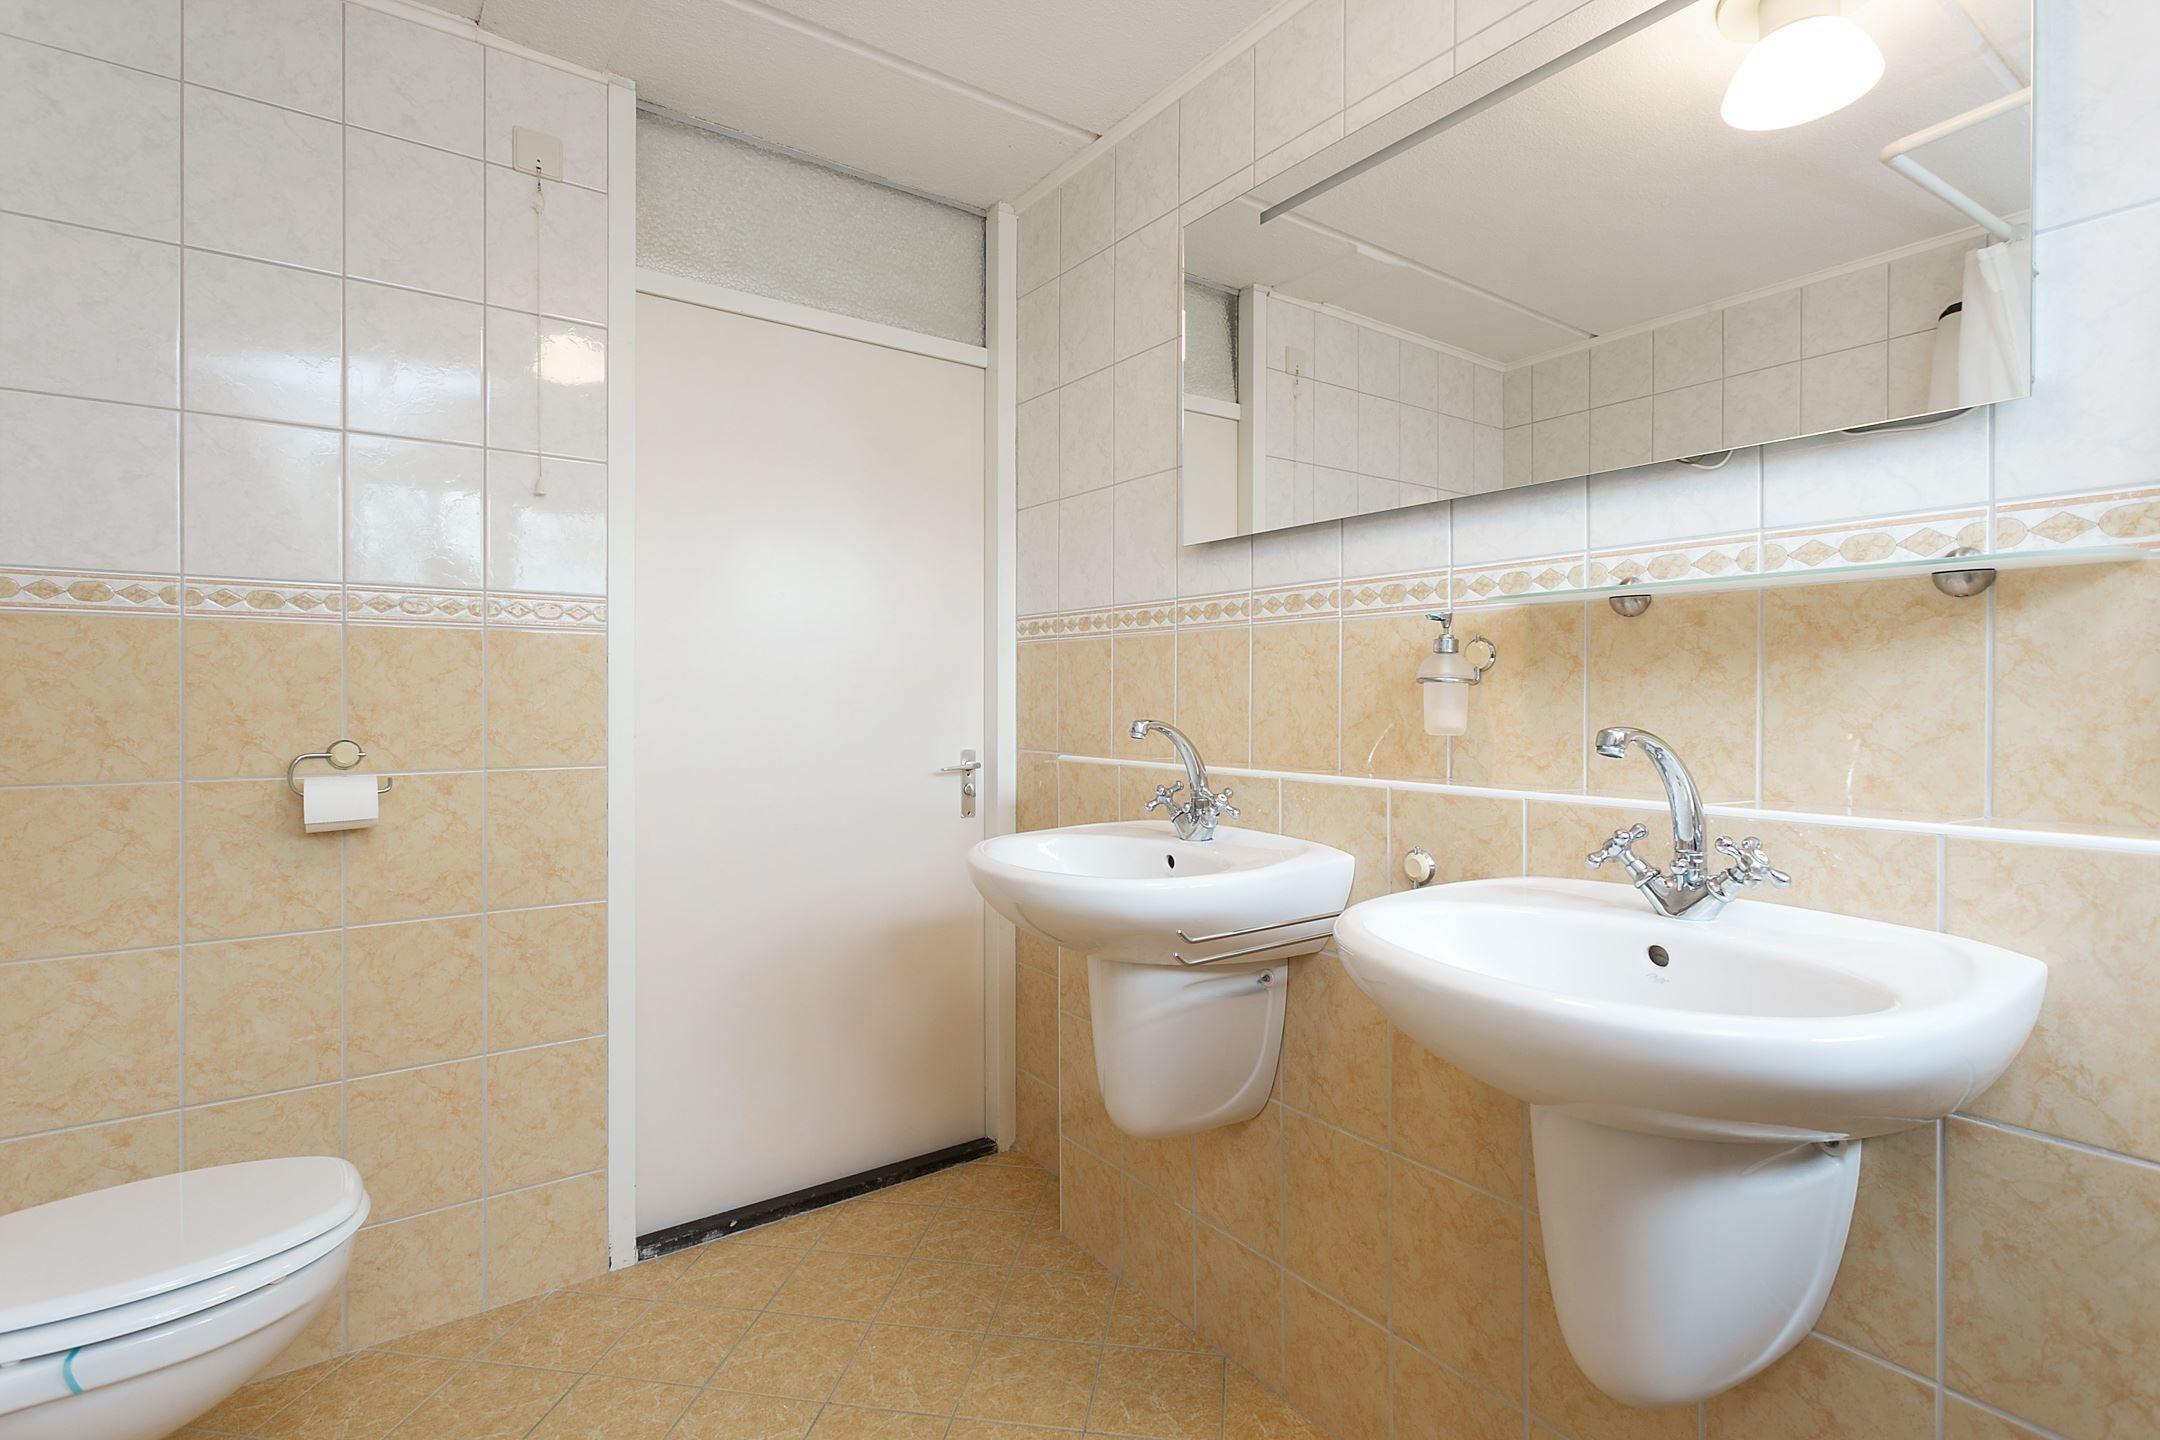 Tegelverf Badkamer Kopen : Tips voor betaalbaar mooier maken van de badkamer wonen